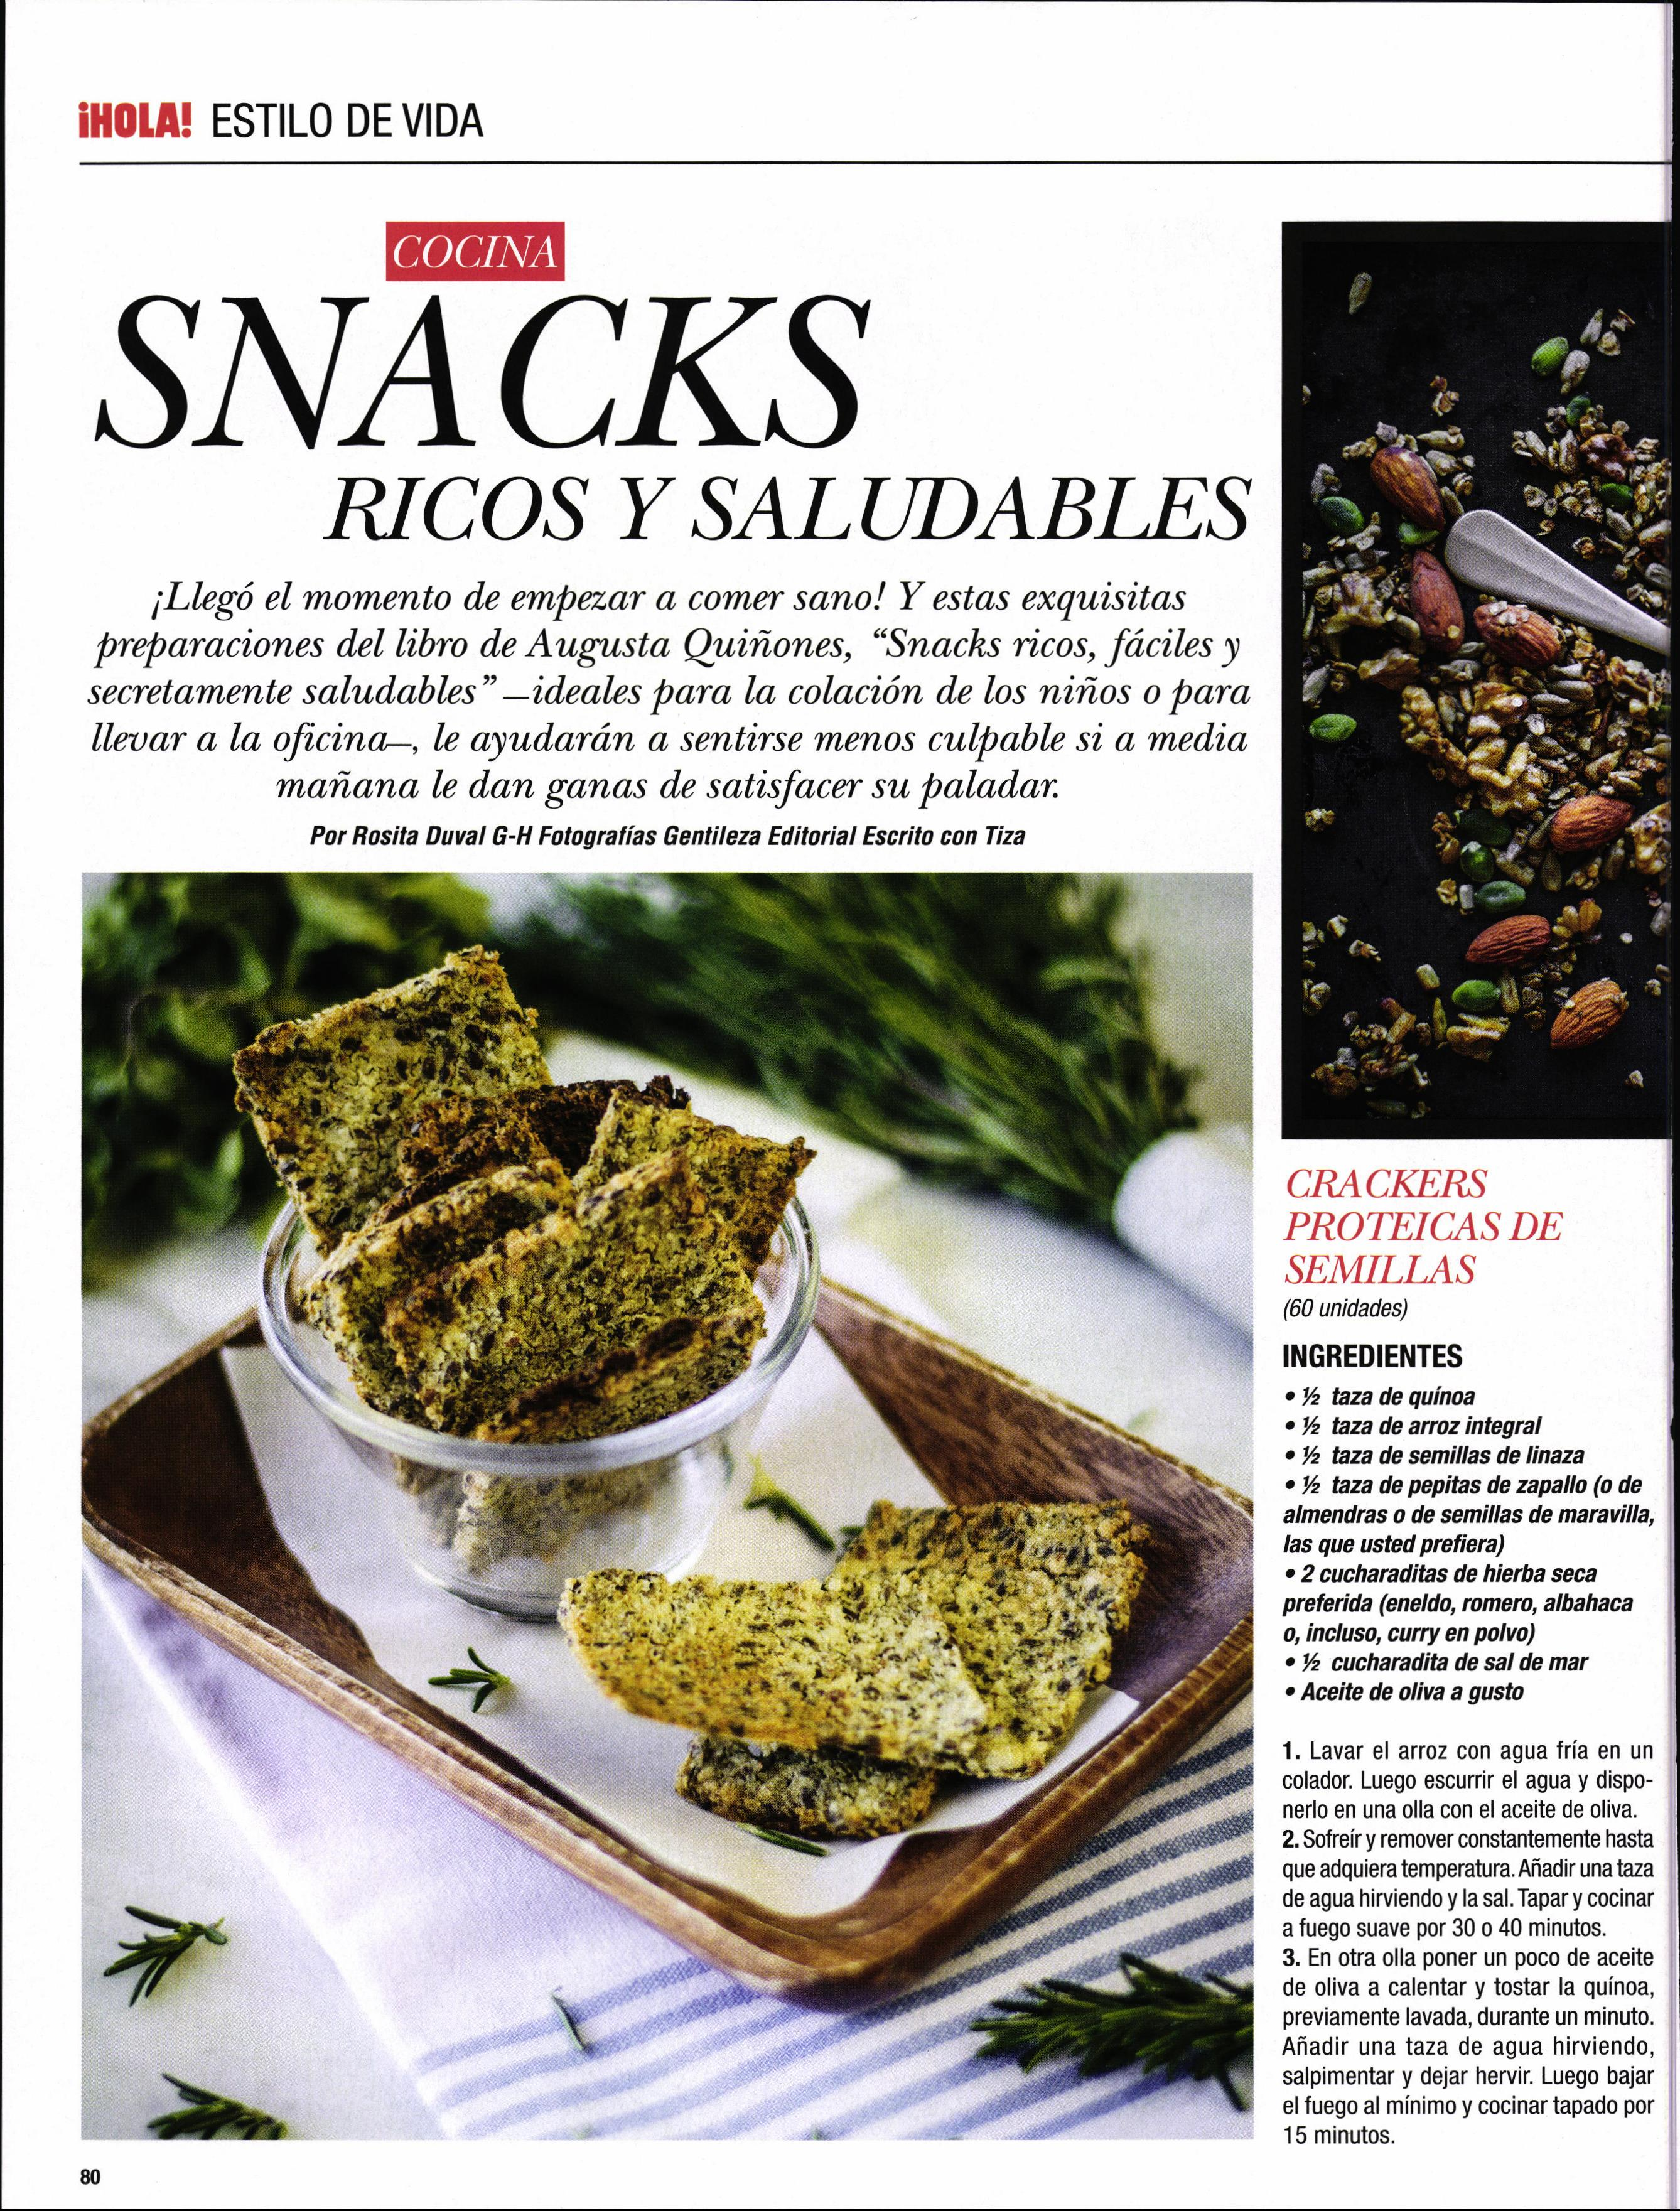 Snacks, ricos y saludables. - Revista Hola